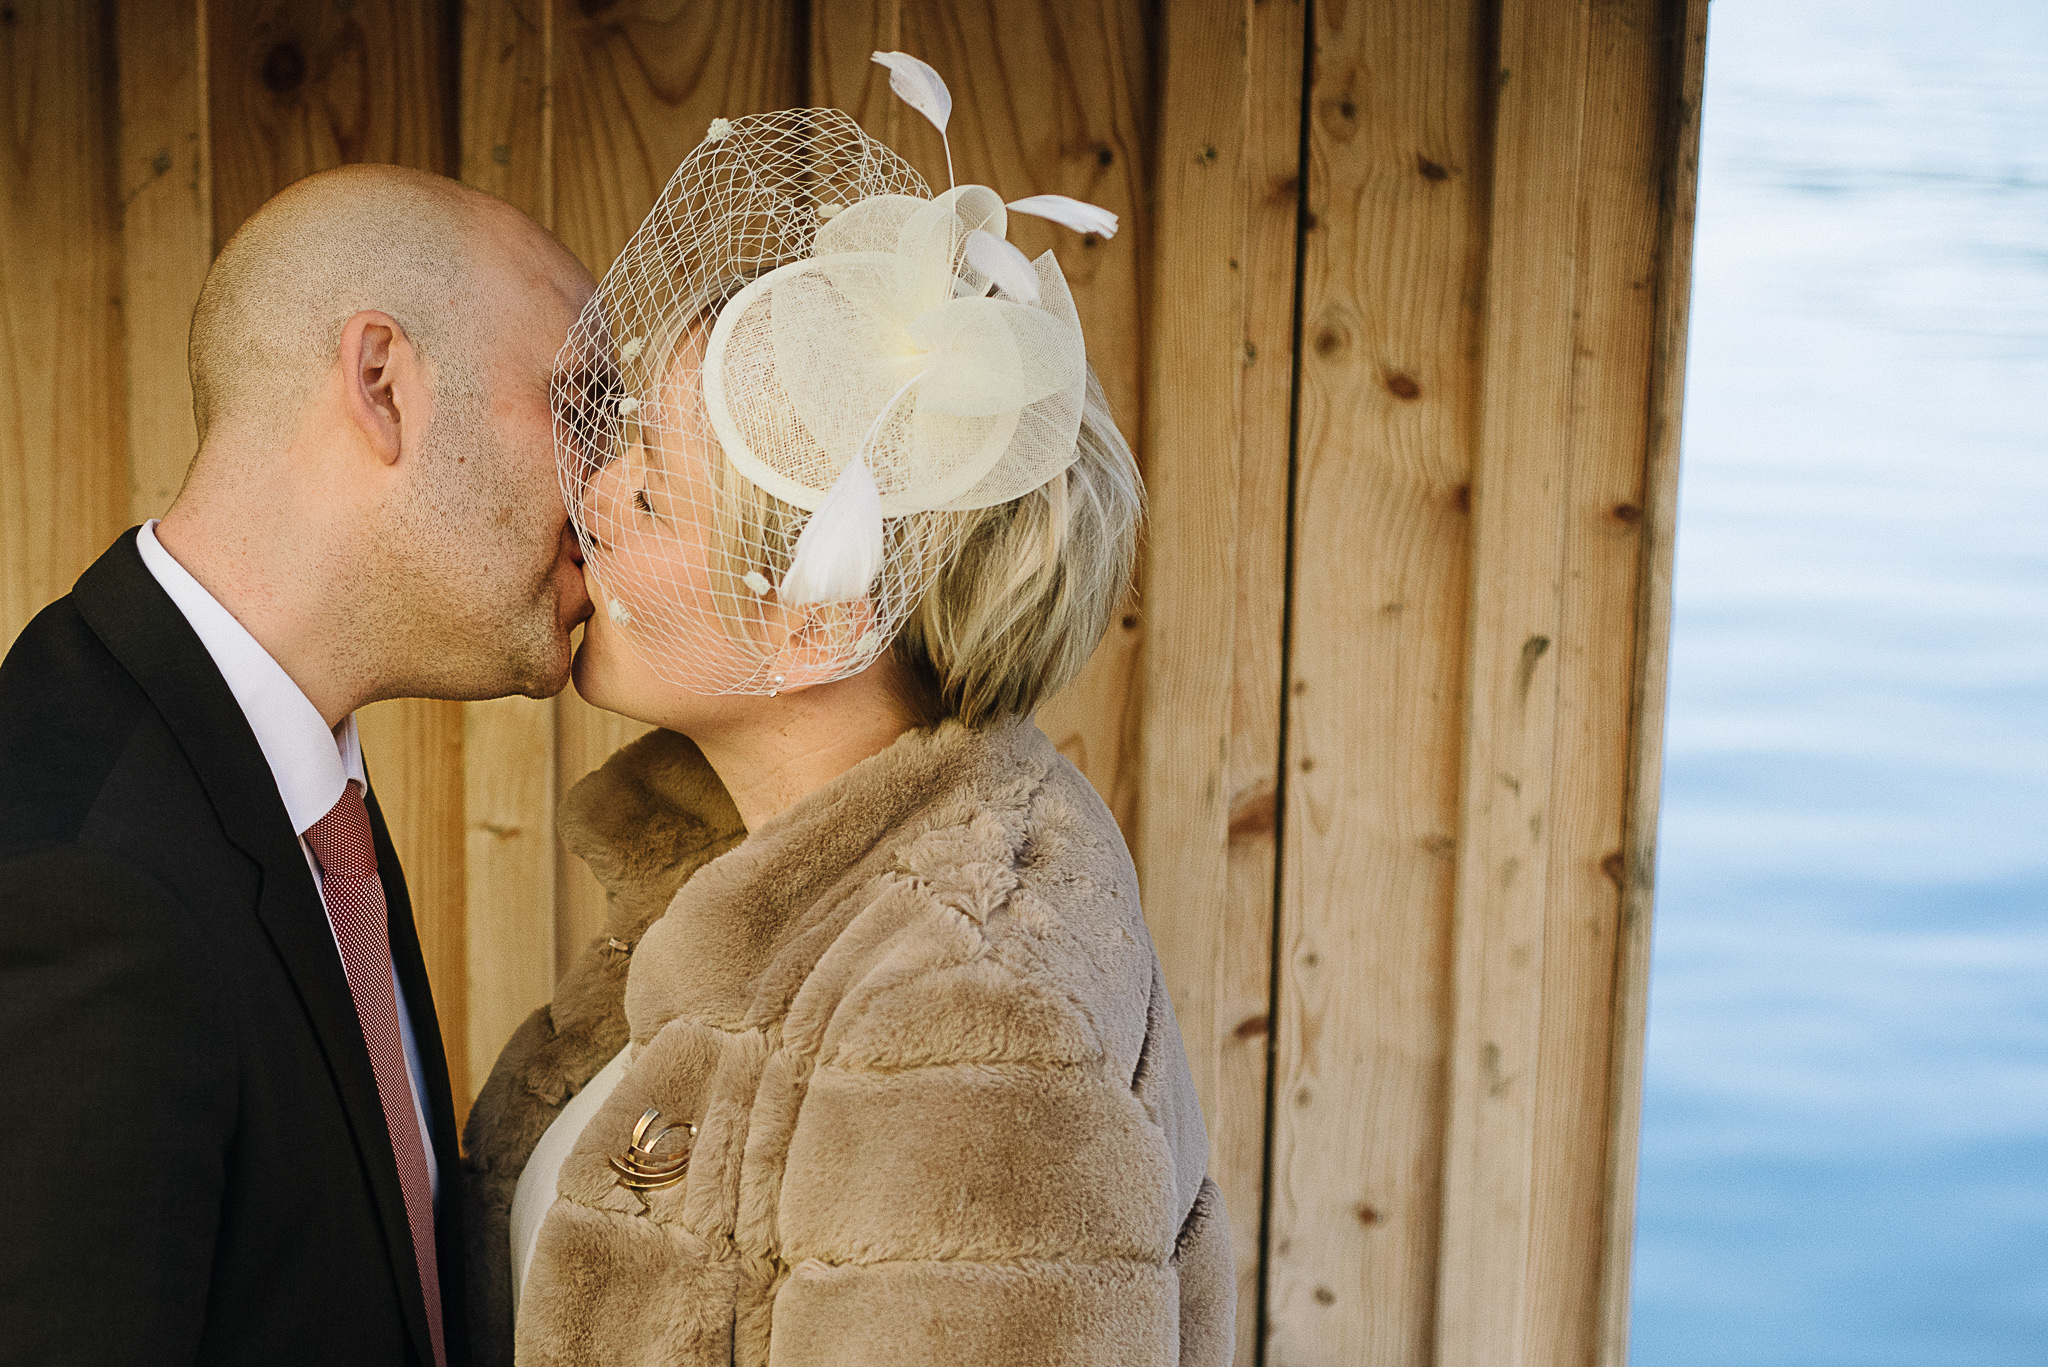 standesamt trauung standesamtliche hochzeit hochzeitfotografie muenchen munich tegernsee wedding bayern germany photographer winter